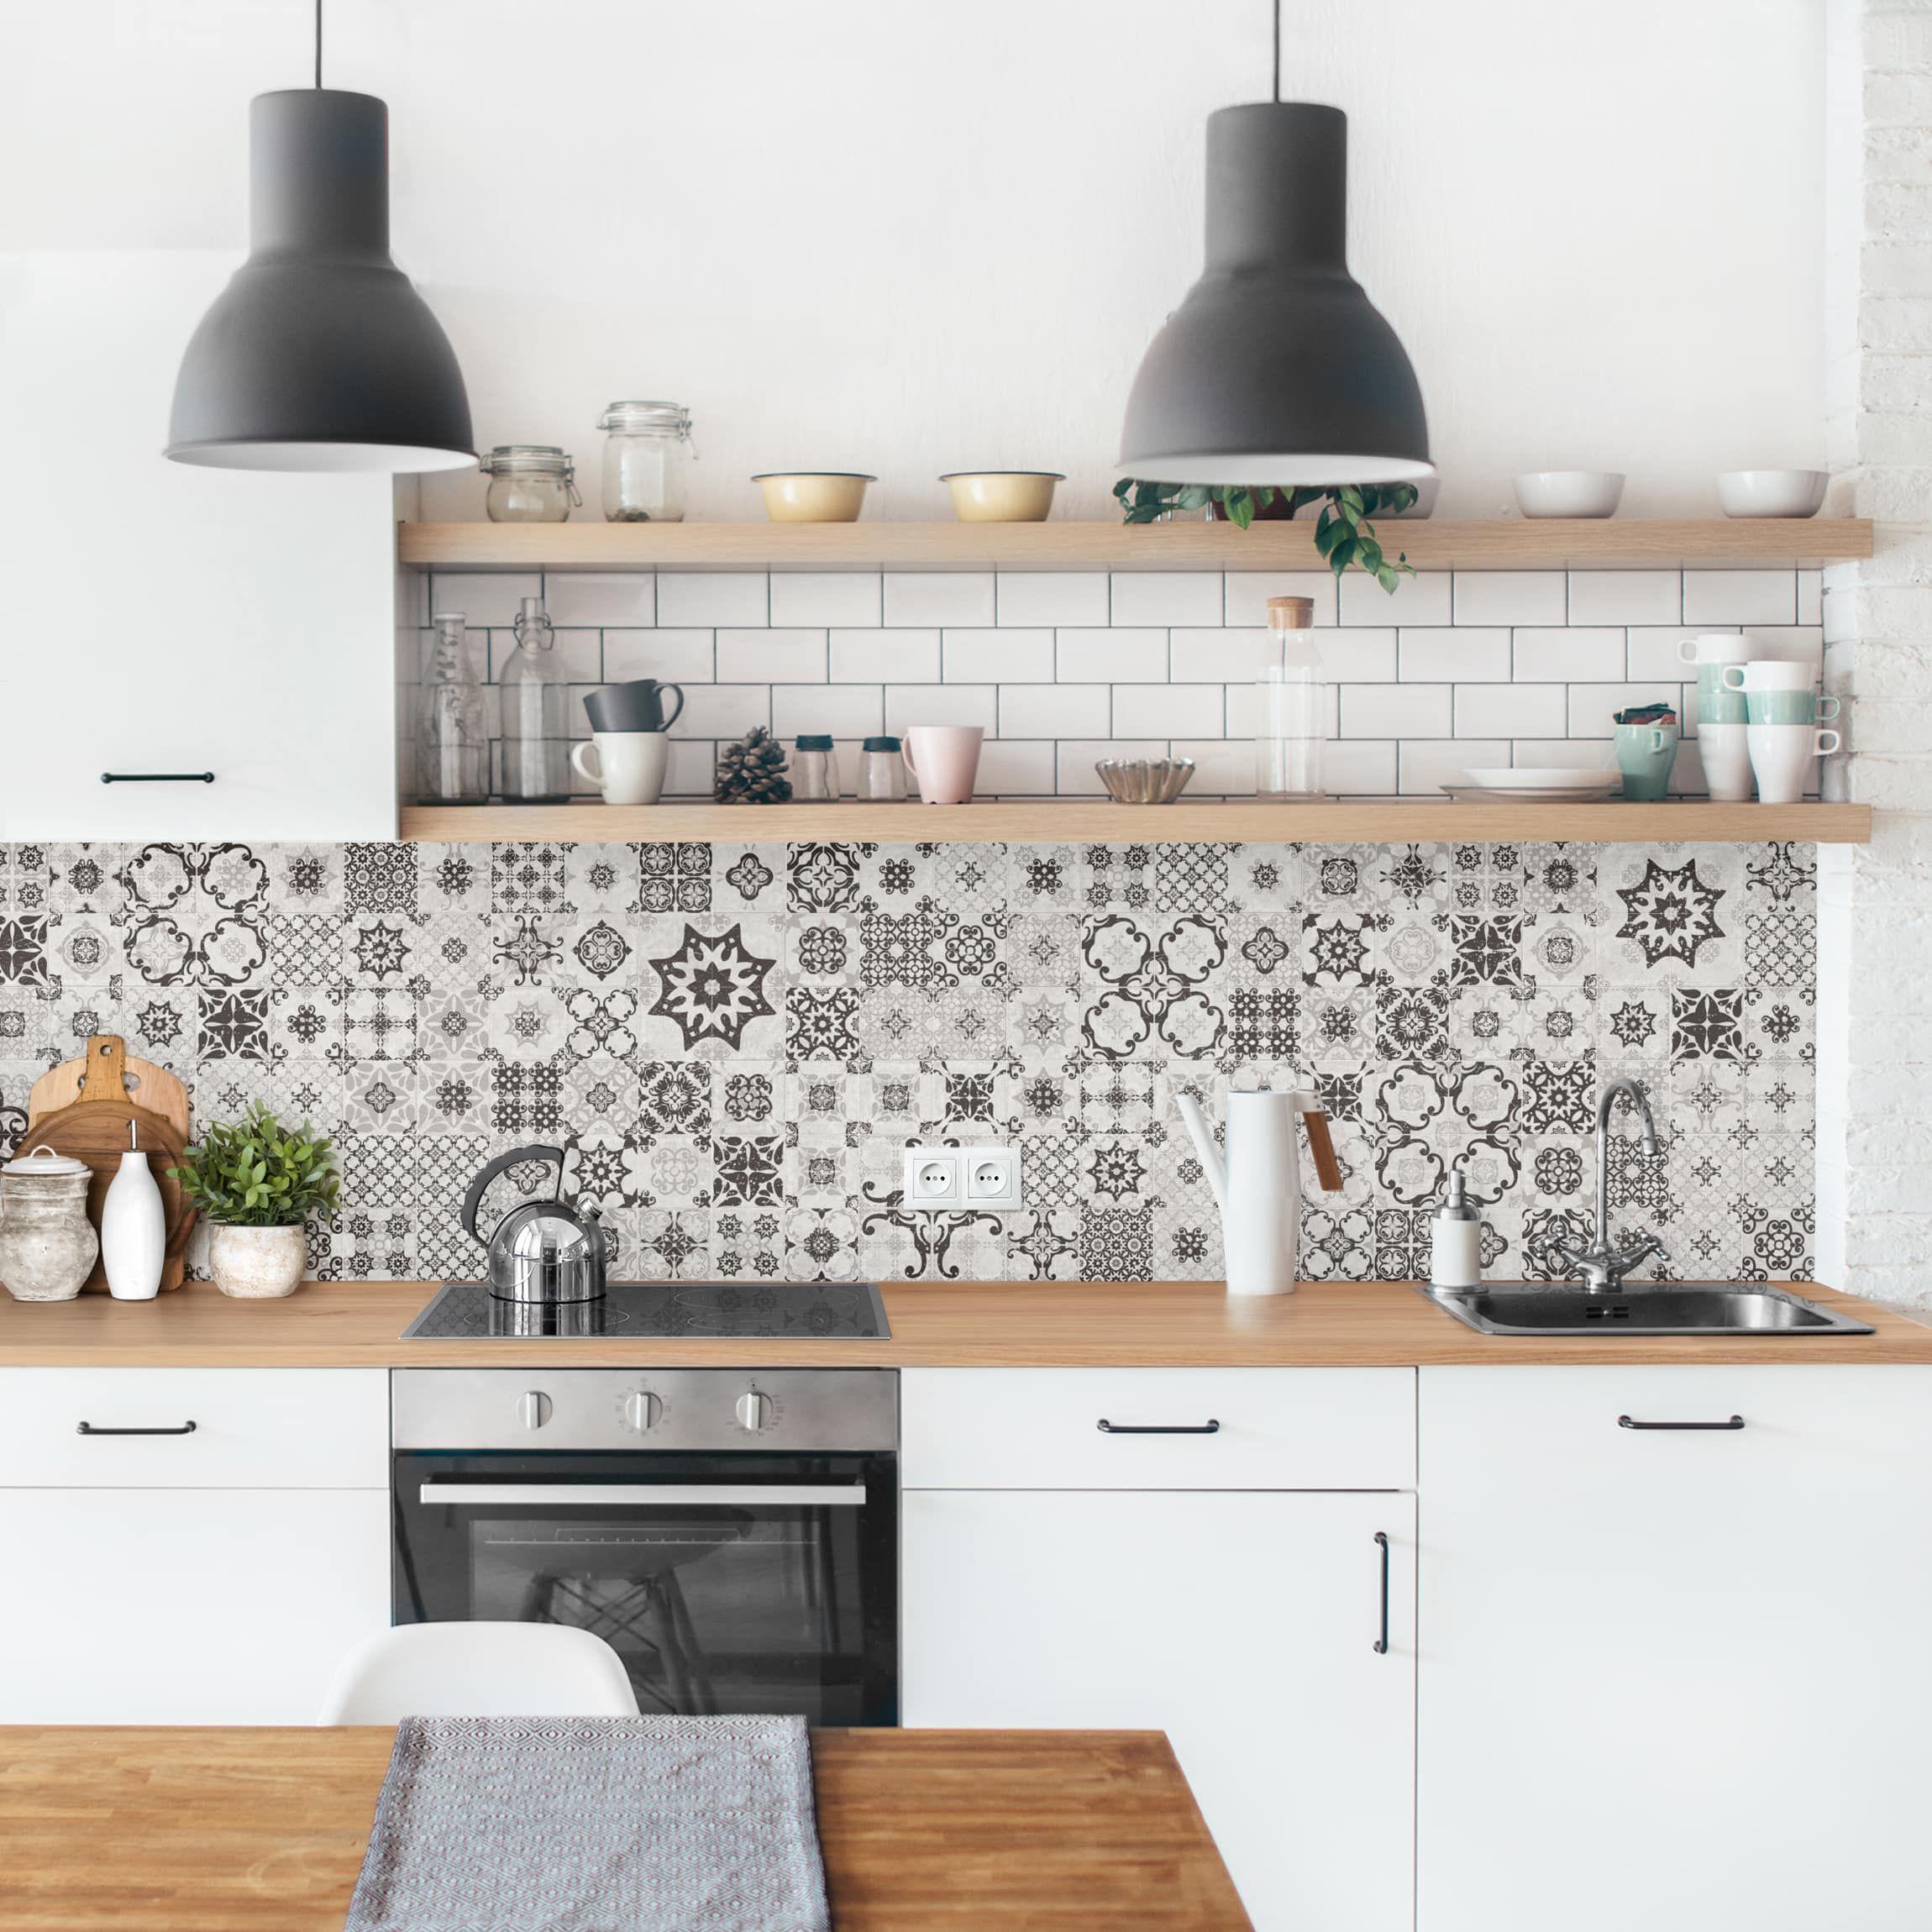 Come Decorare Piastrelle Cucina pin su cucina